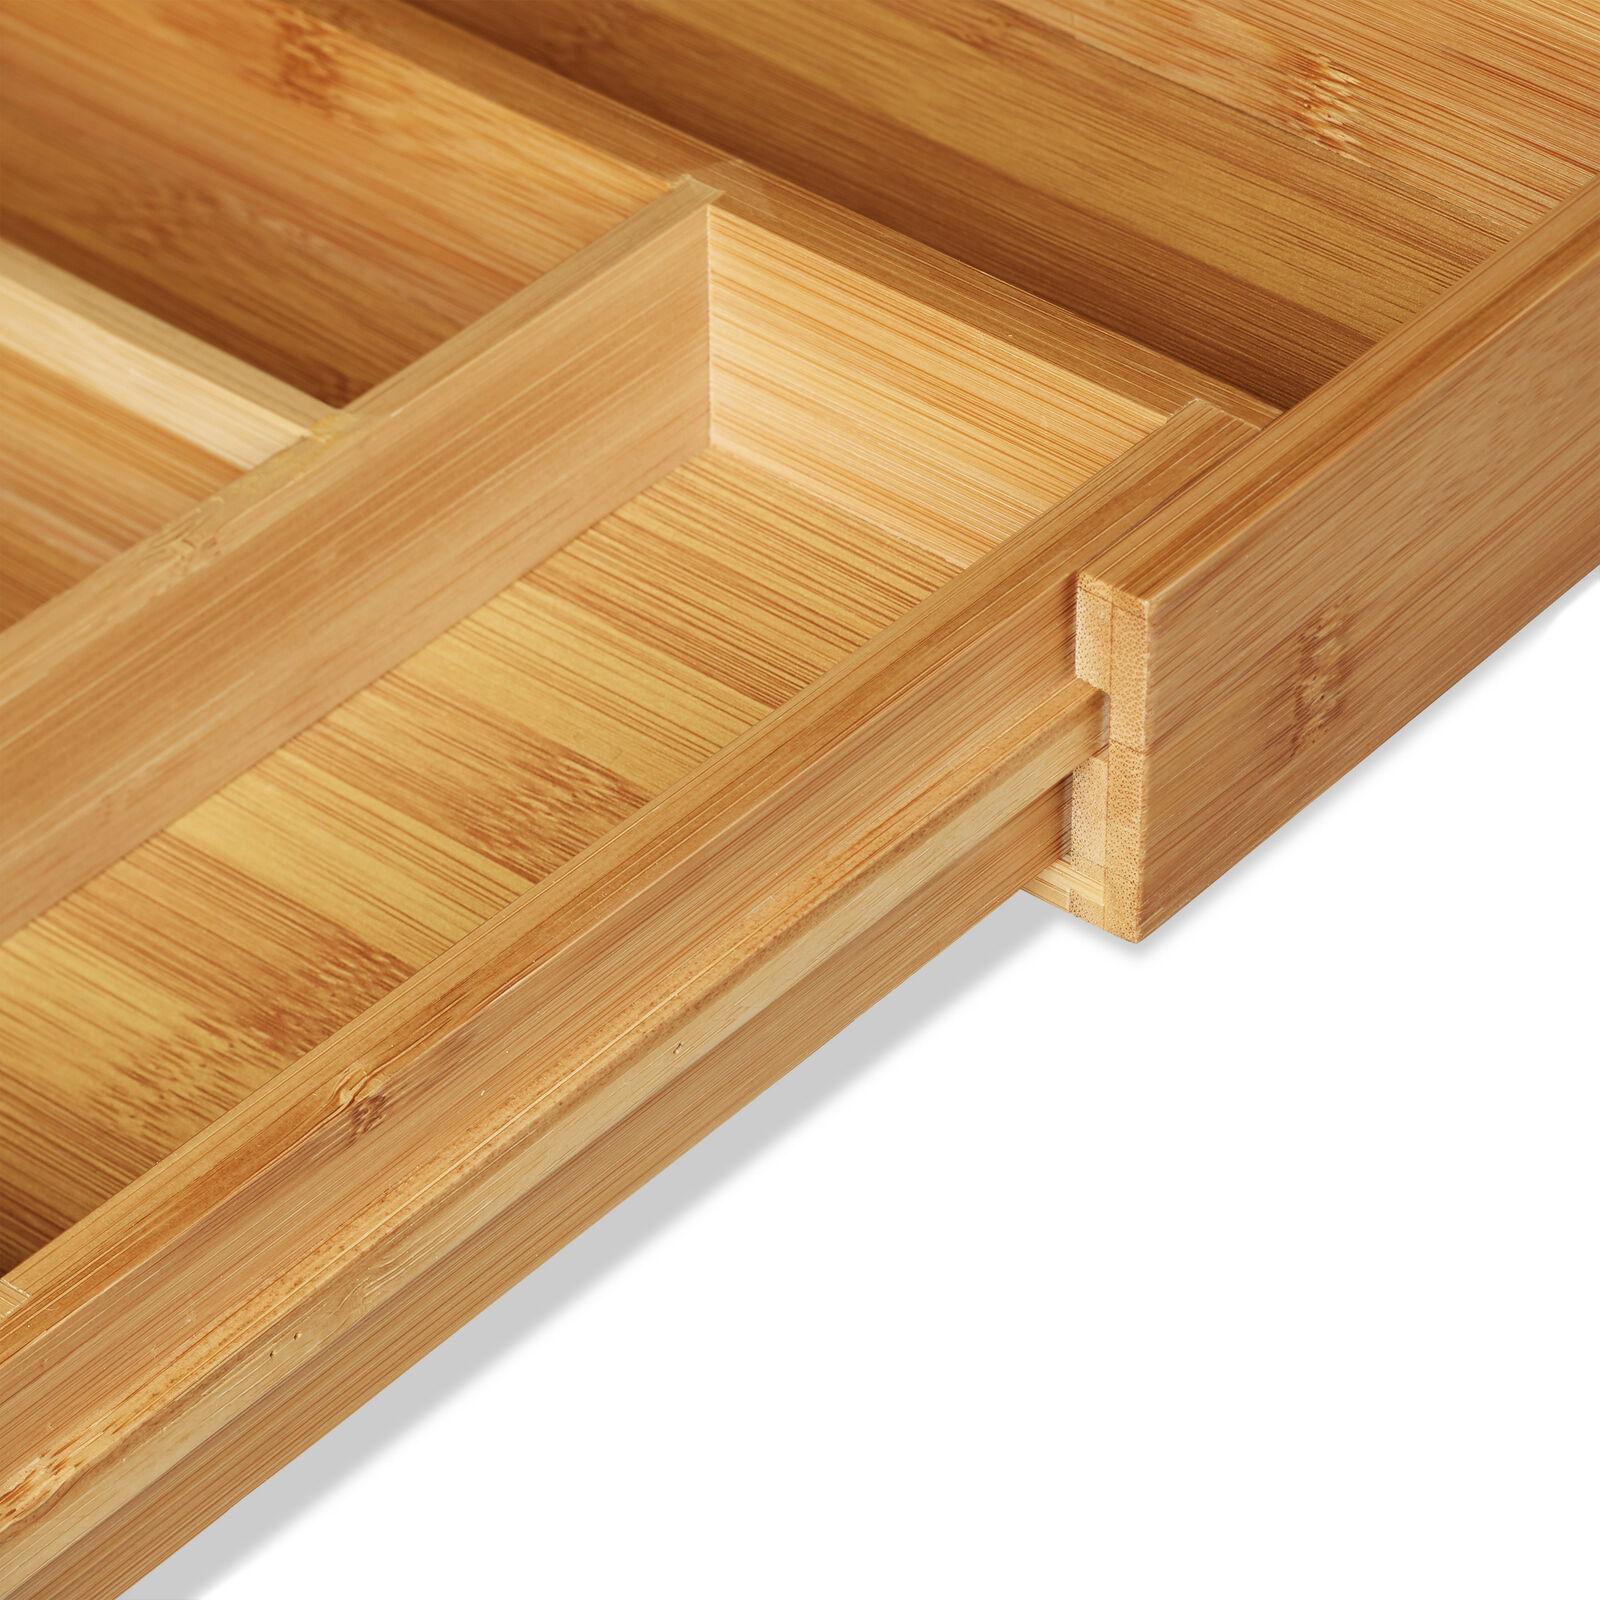 Full Size of Schubladeneinsatz Teller Relaxdays Besteckkasten Bambus Ausziehbarer Besteckeinsatz Als Küche Sofa Hersteller Wohnzimmer Schubladeneinsatz Teller